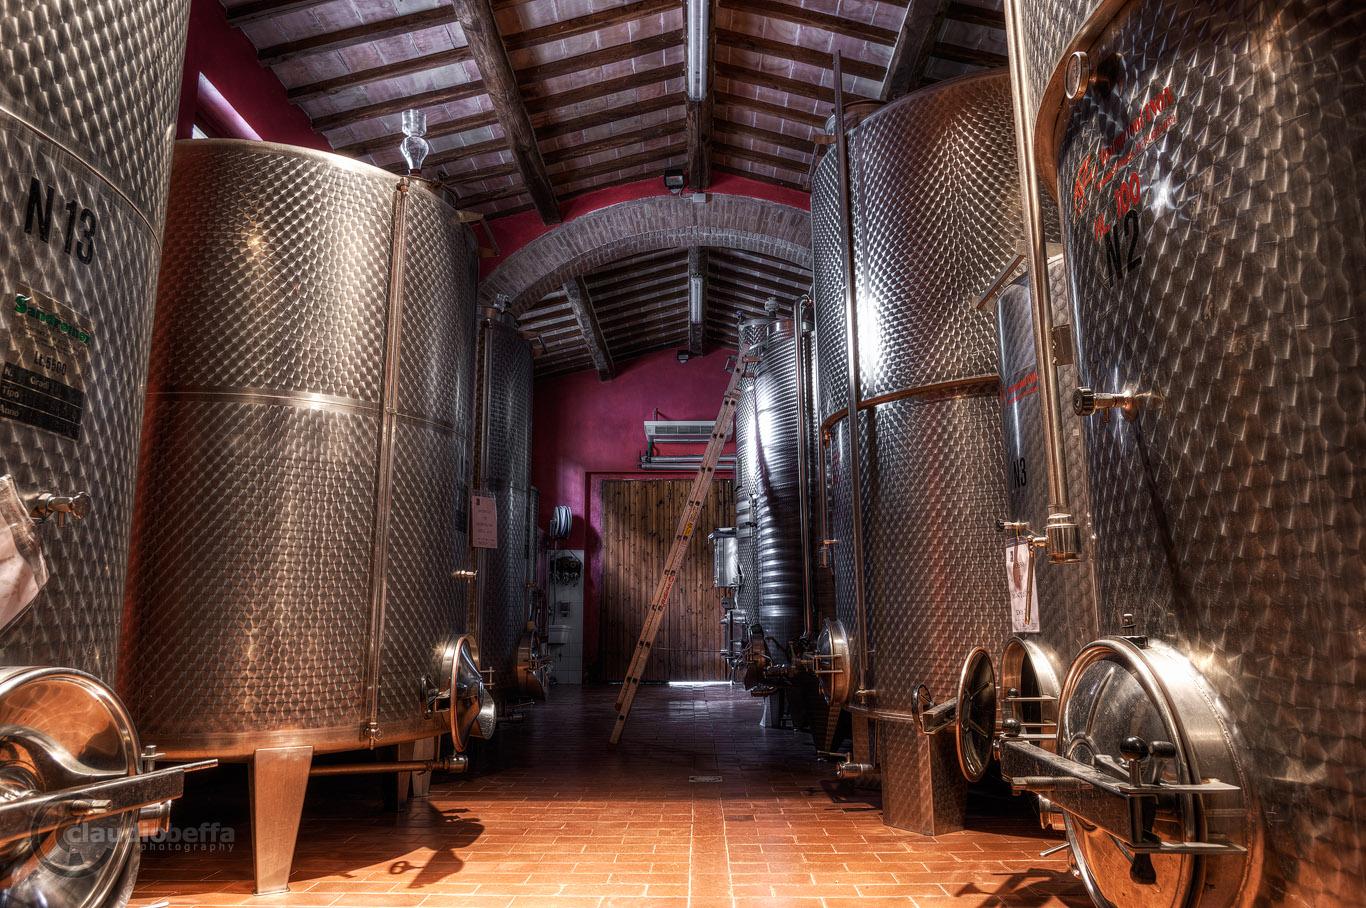 Solaria, Silos, Cellar, Fermentation, Wine, Tuscany, Toscana, Val d'Orcia, Italy, Italia, ancient wine cellars